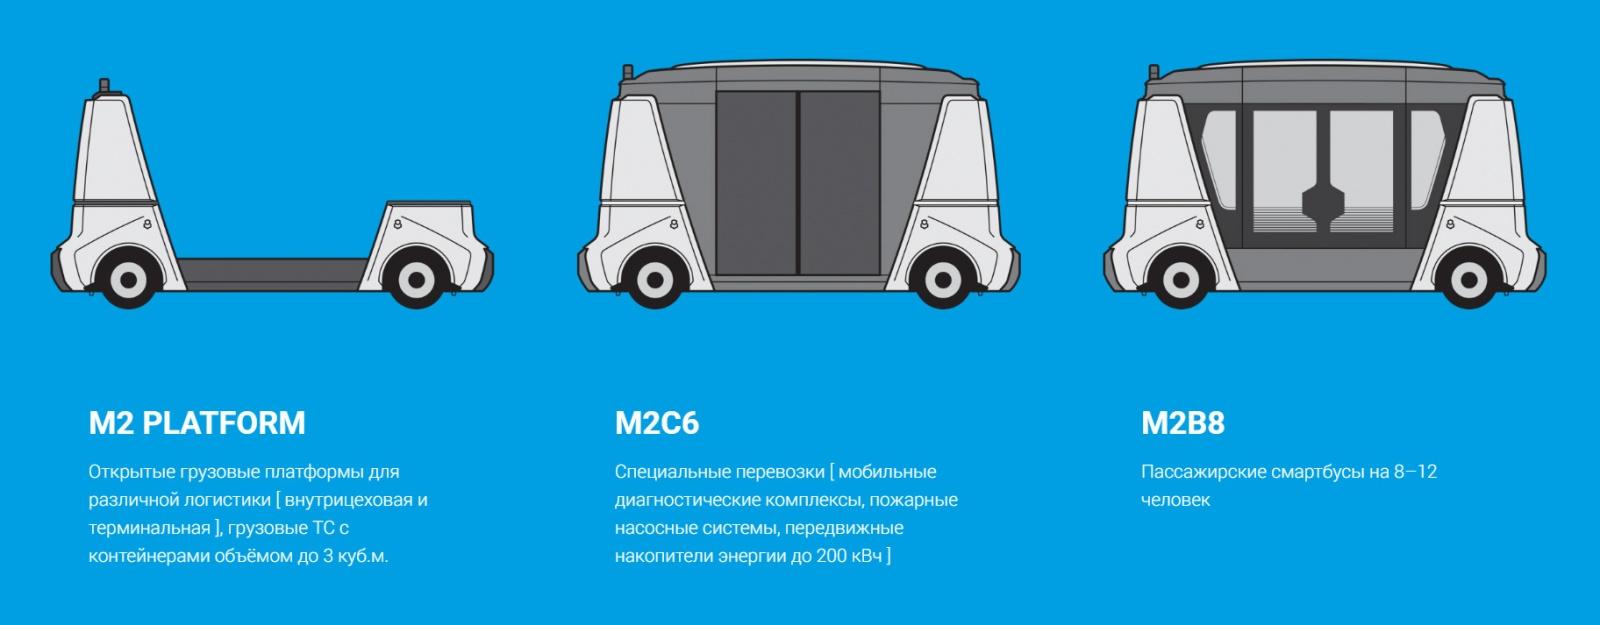 MATRЁSHKA – модульная система беспилотного коммерческого транспорта - 2